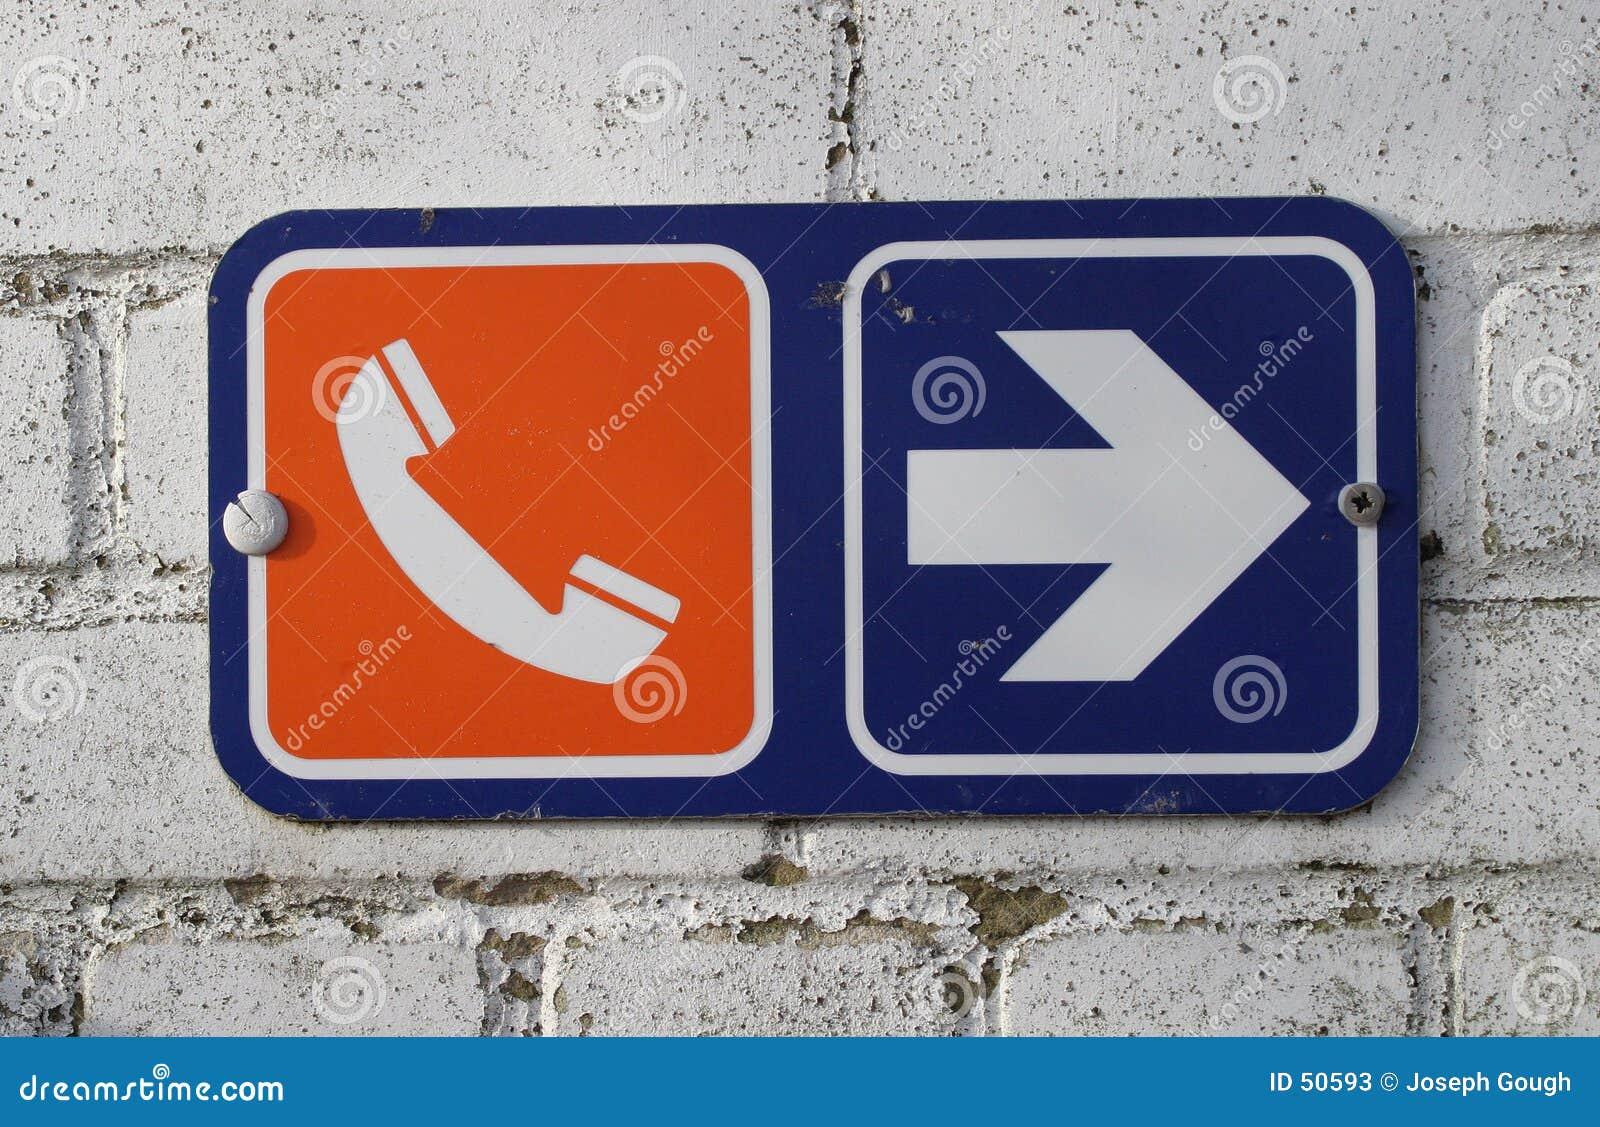 Firme, llame por teléfono